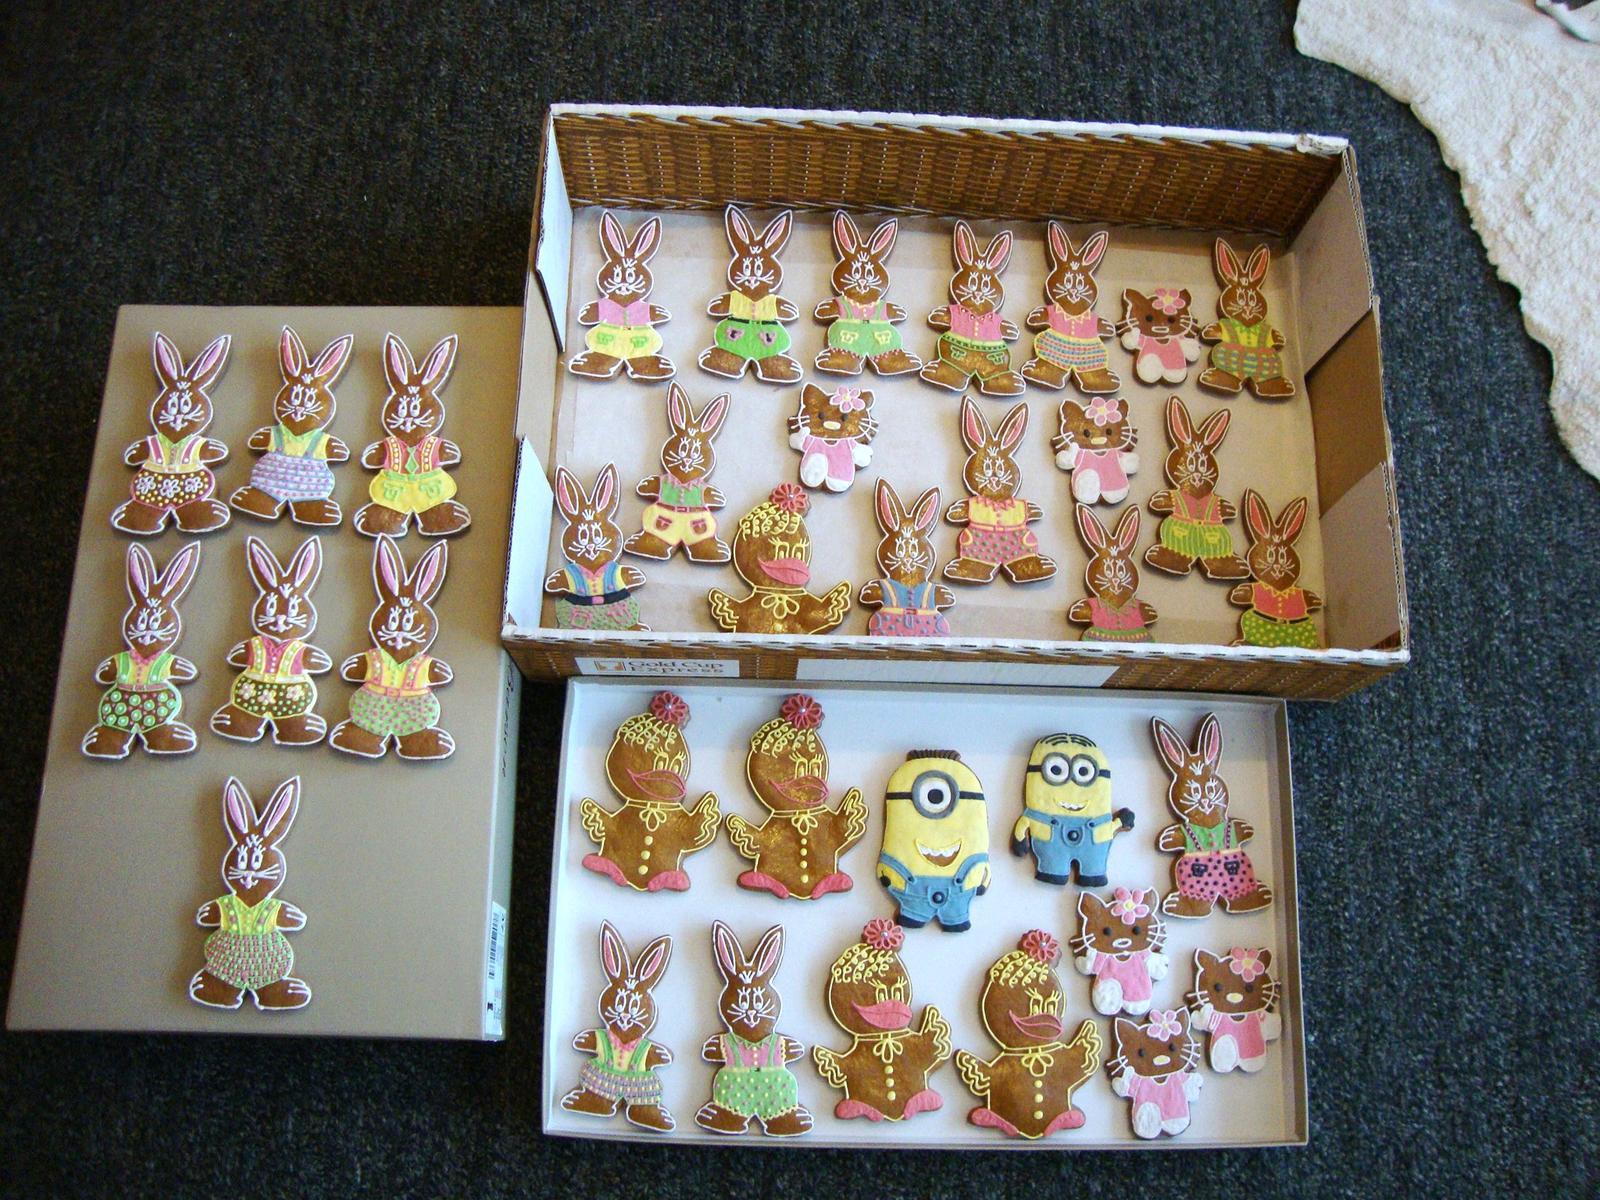 Krásné Velikonoce všem! - Obrázek č. 2